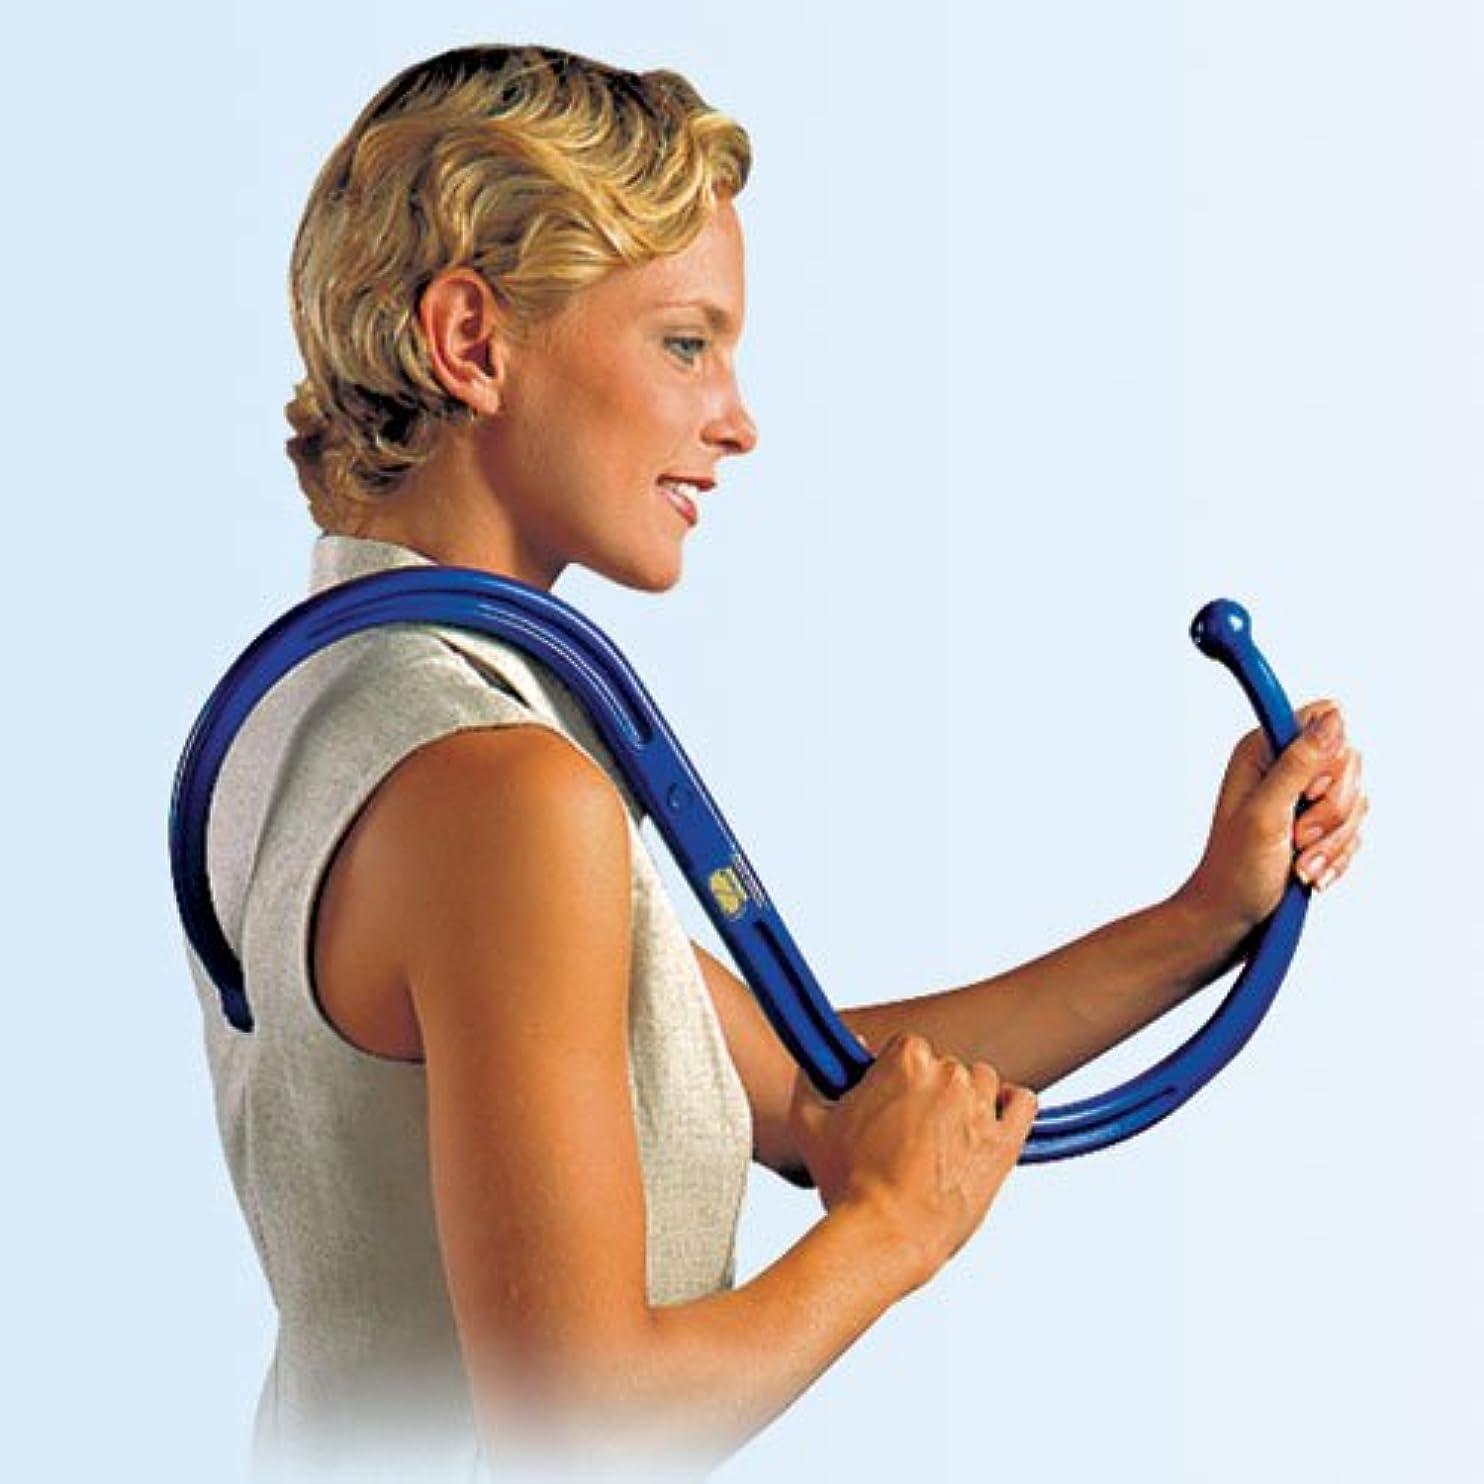 あなたが良くなります舗装する人間The Pressure Positive CompanyのオリジナルバックノーバーII トリガーポイントセラピーセルフマッサージツール S字型 首?肩?背中の筋膜リリースディープ筋肉?筋肉痛の緩和装置